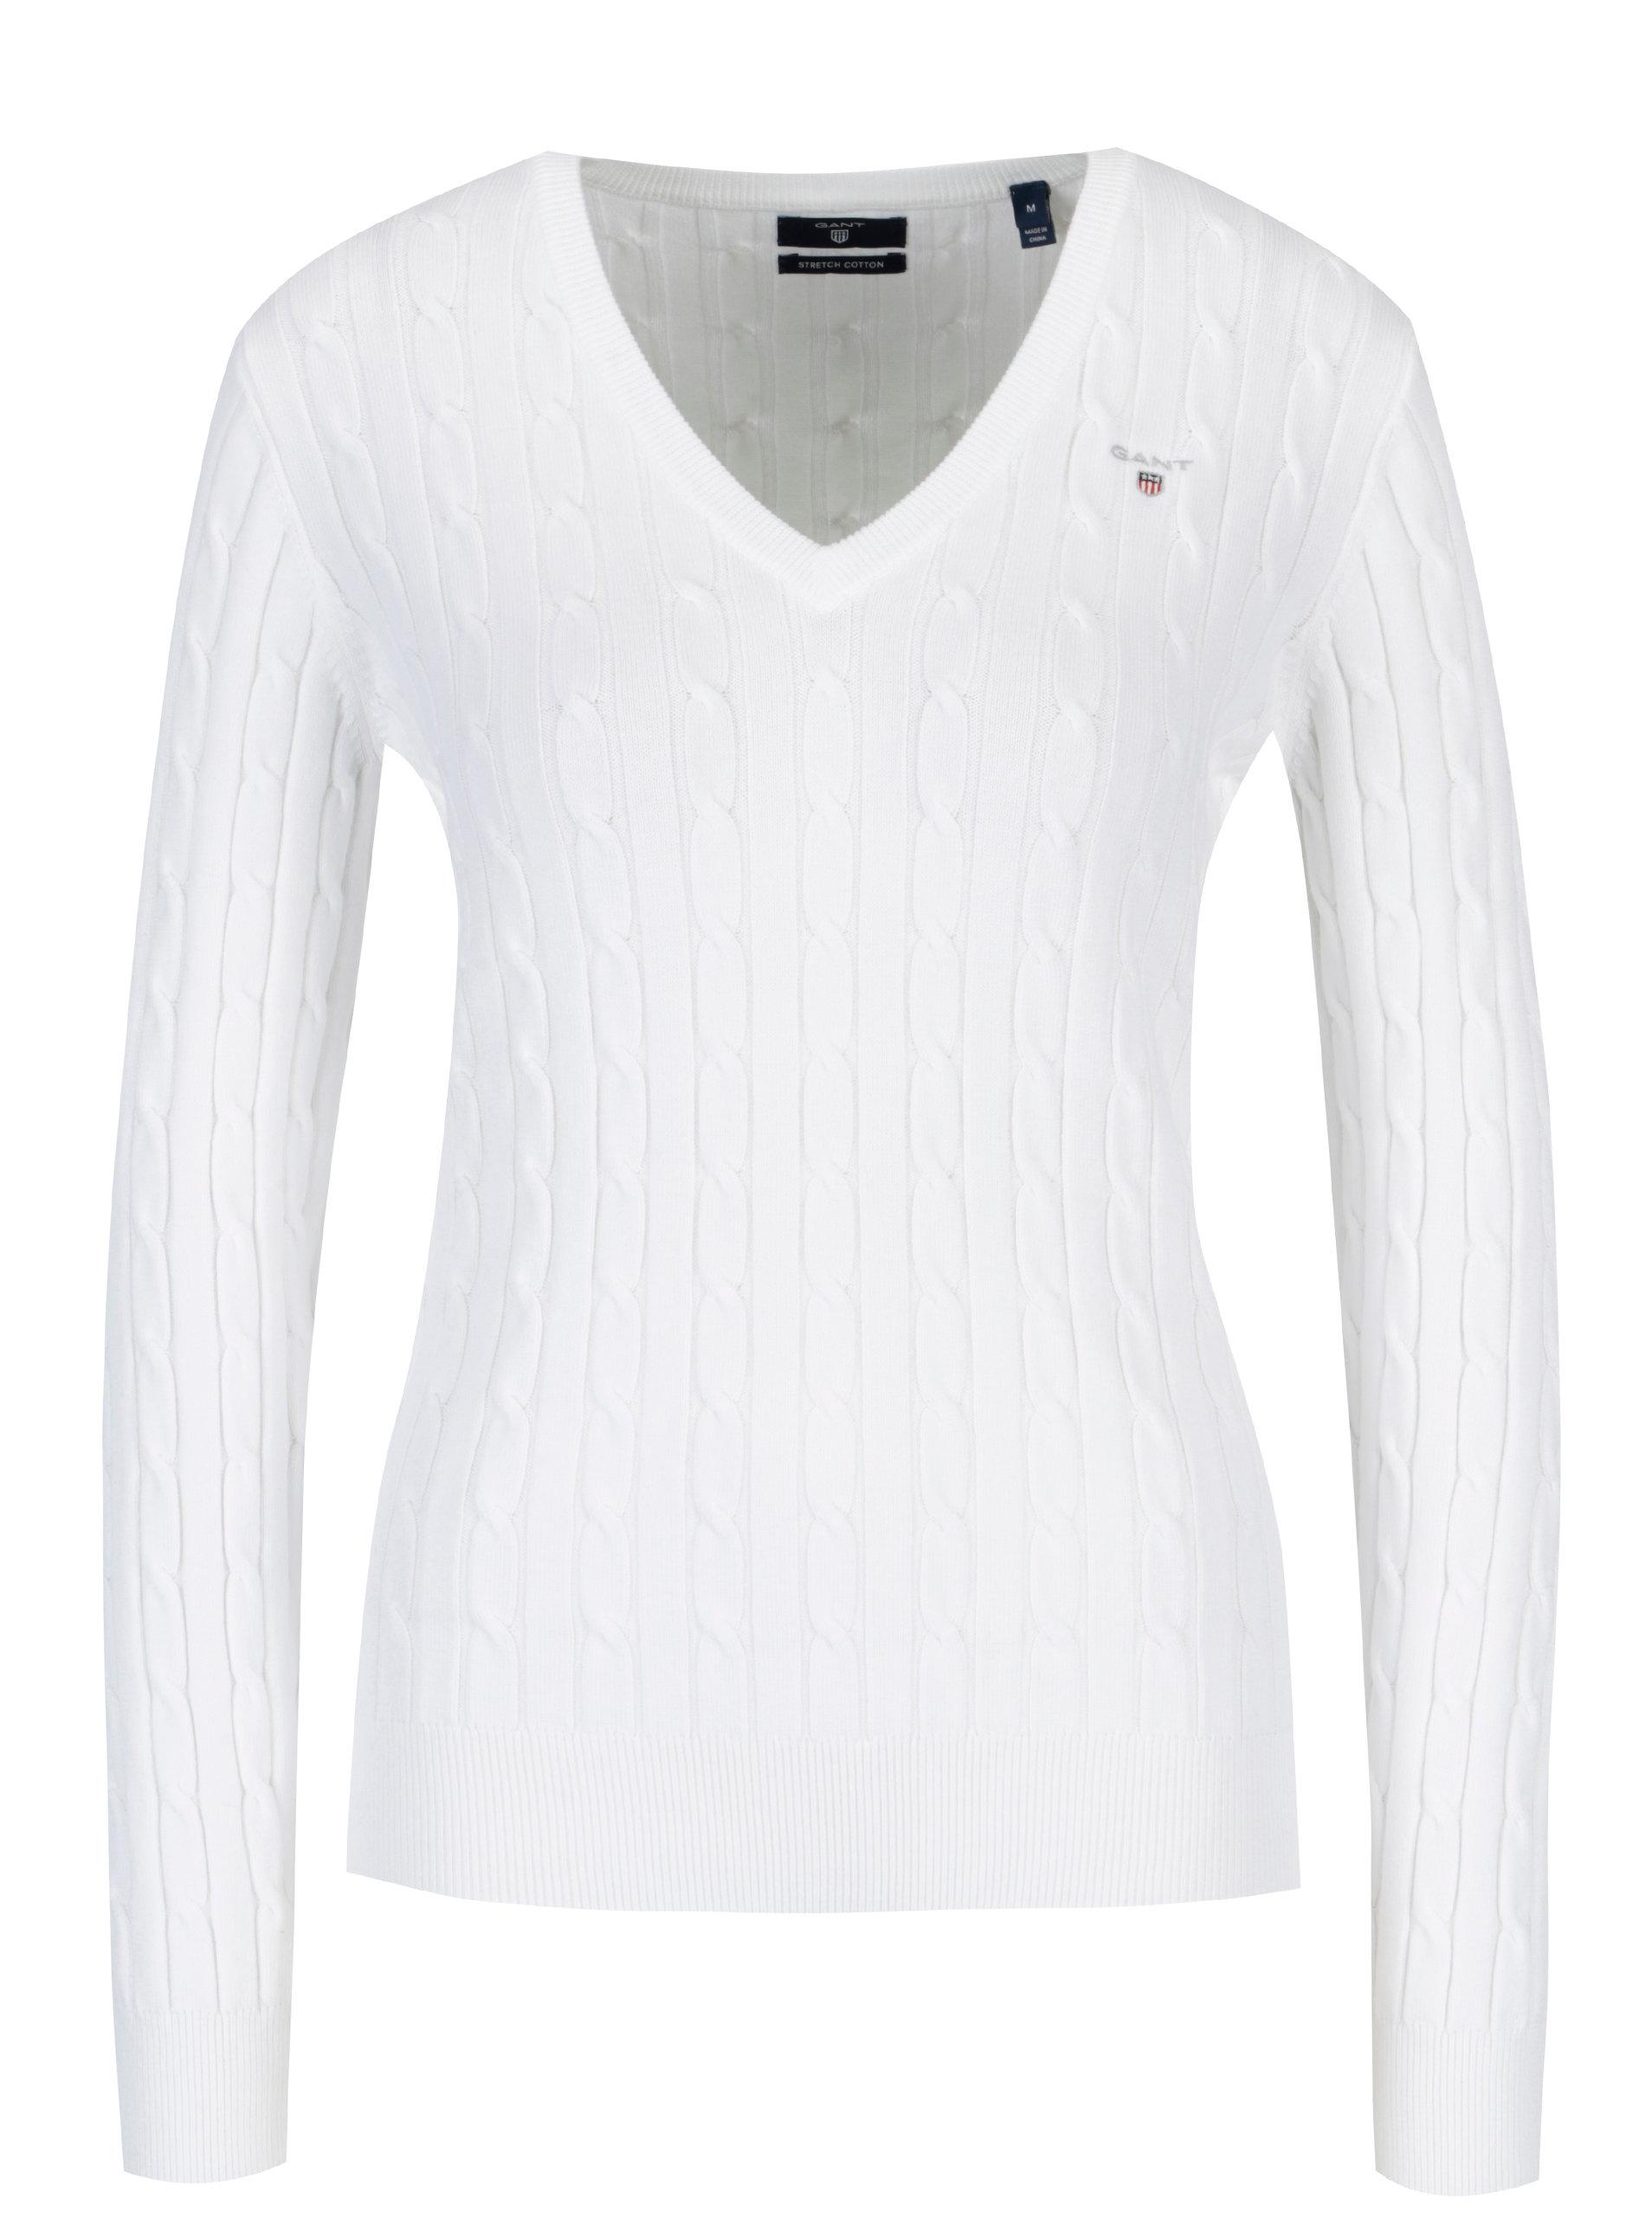 Bílý dámský pletený svetr s véčkovým výstřihem GANT ... e0b08a0051